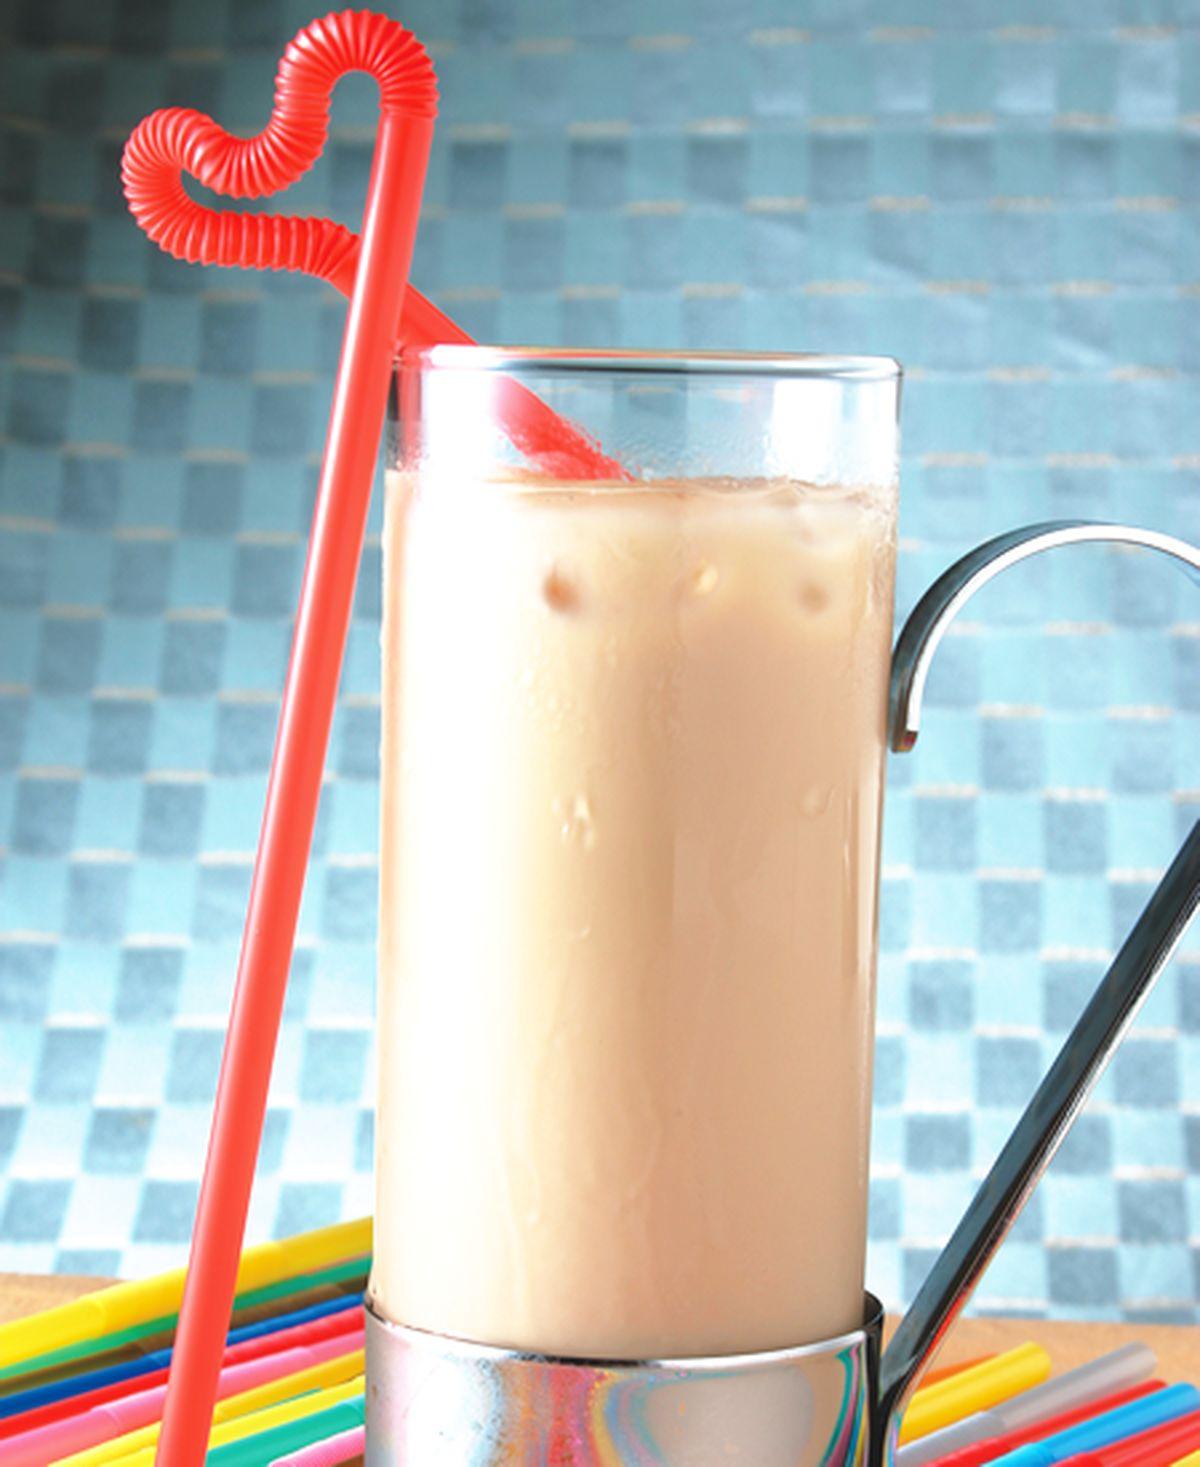 食譜:冰奶茶-茶包泡法